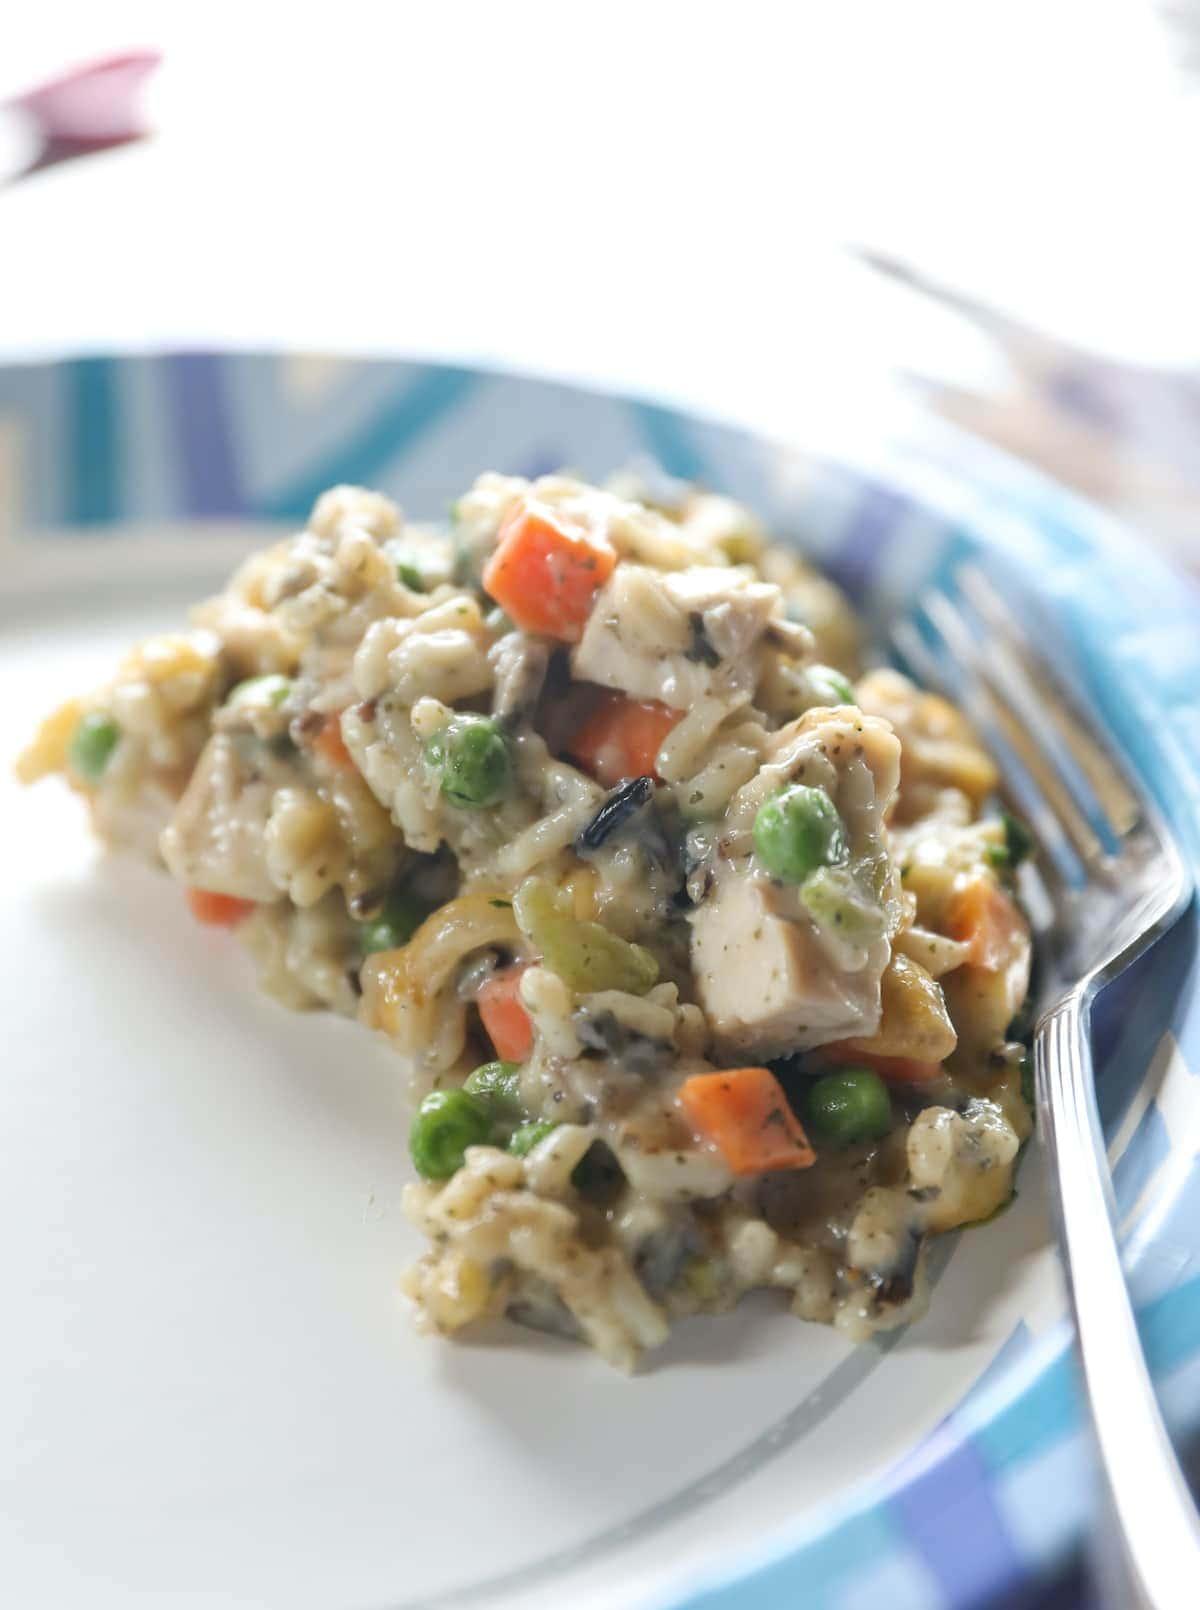 chicken wild rice casserole on blue plate